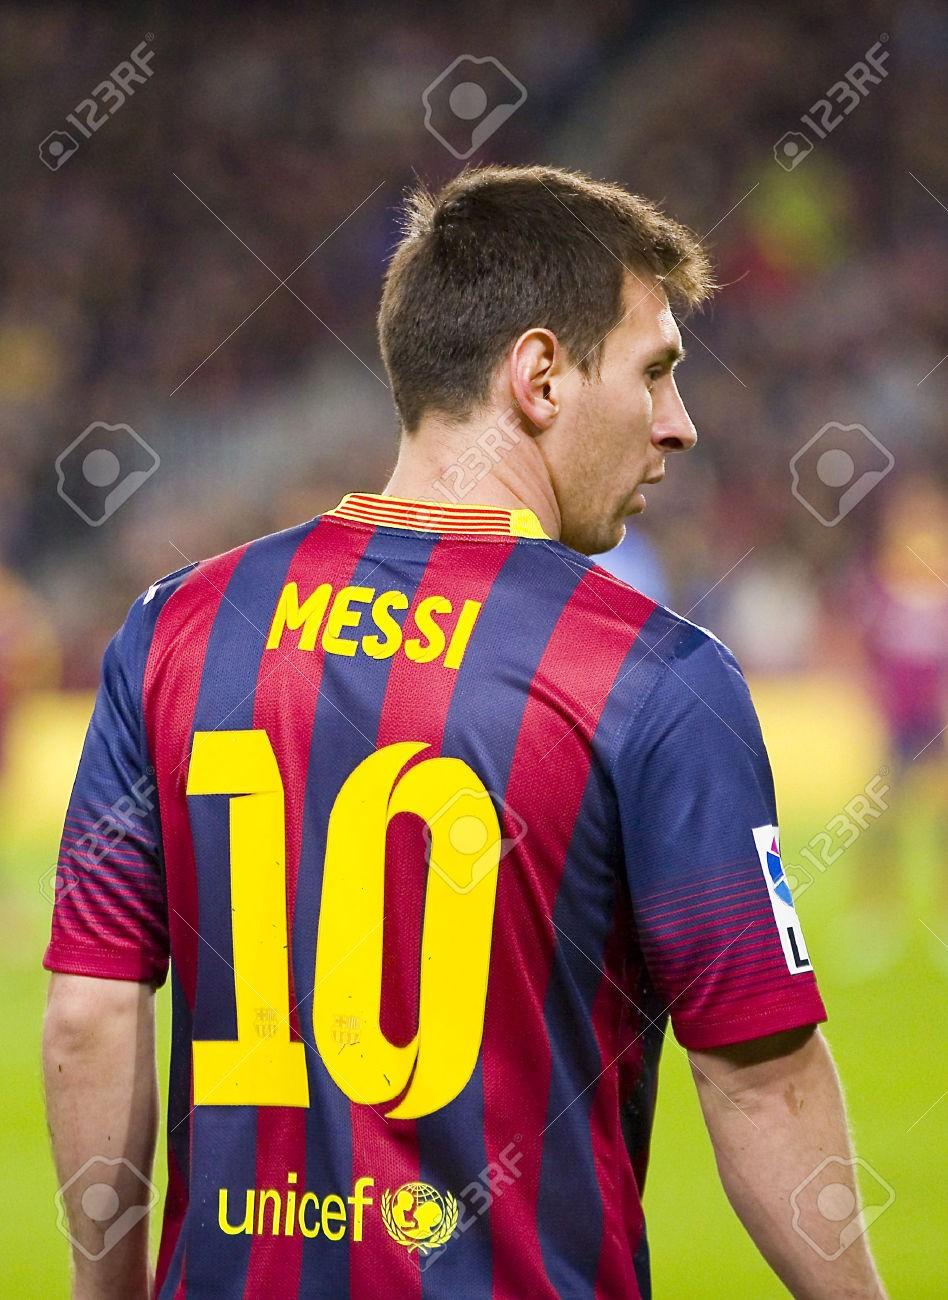 Les plus grands joueurs de foot de tous les temps